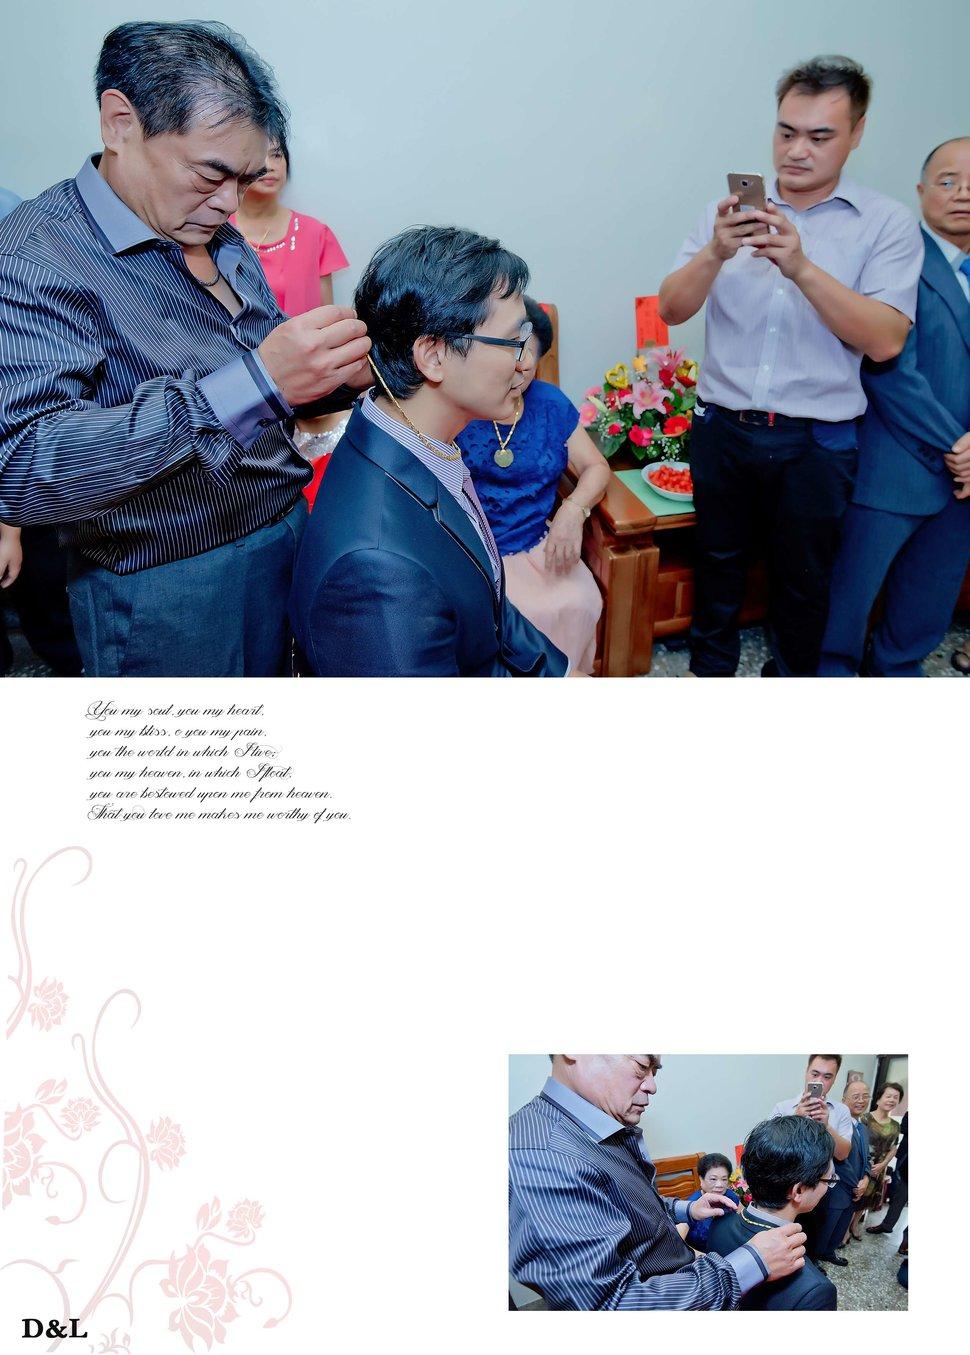 台中婚攝 婚禮記錄 訂結午宴 球愛物語景觀婚禮會館 平面攝影(編號:374392) - D&L 婚禮事務-婚紗攝影/婚禮記錄 - 結婚吧